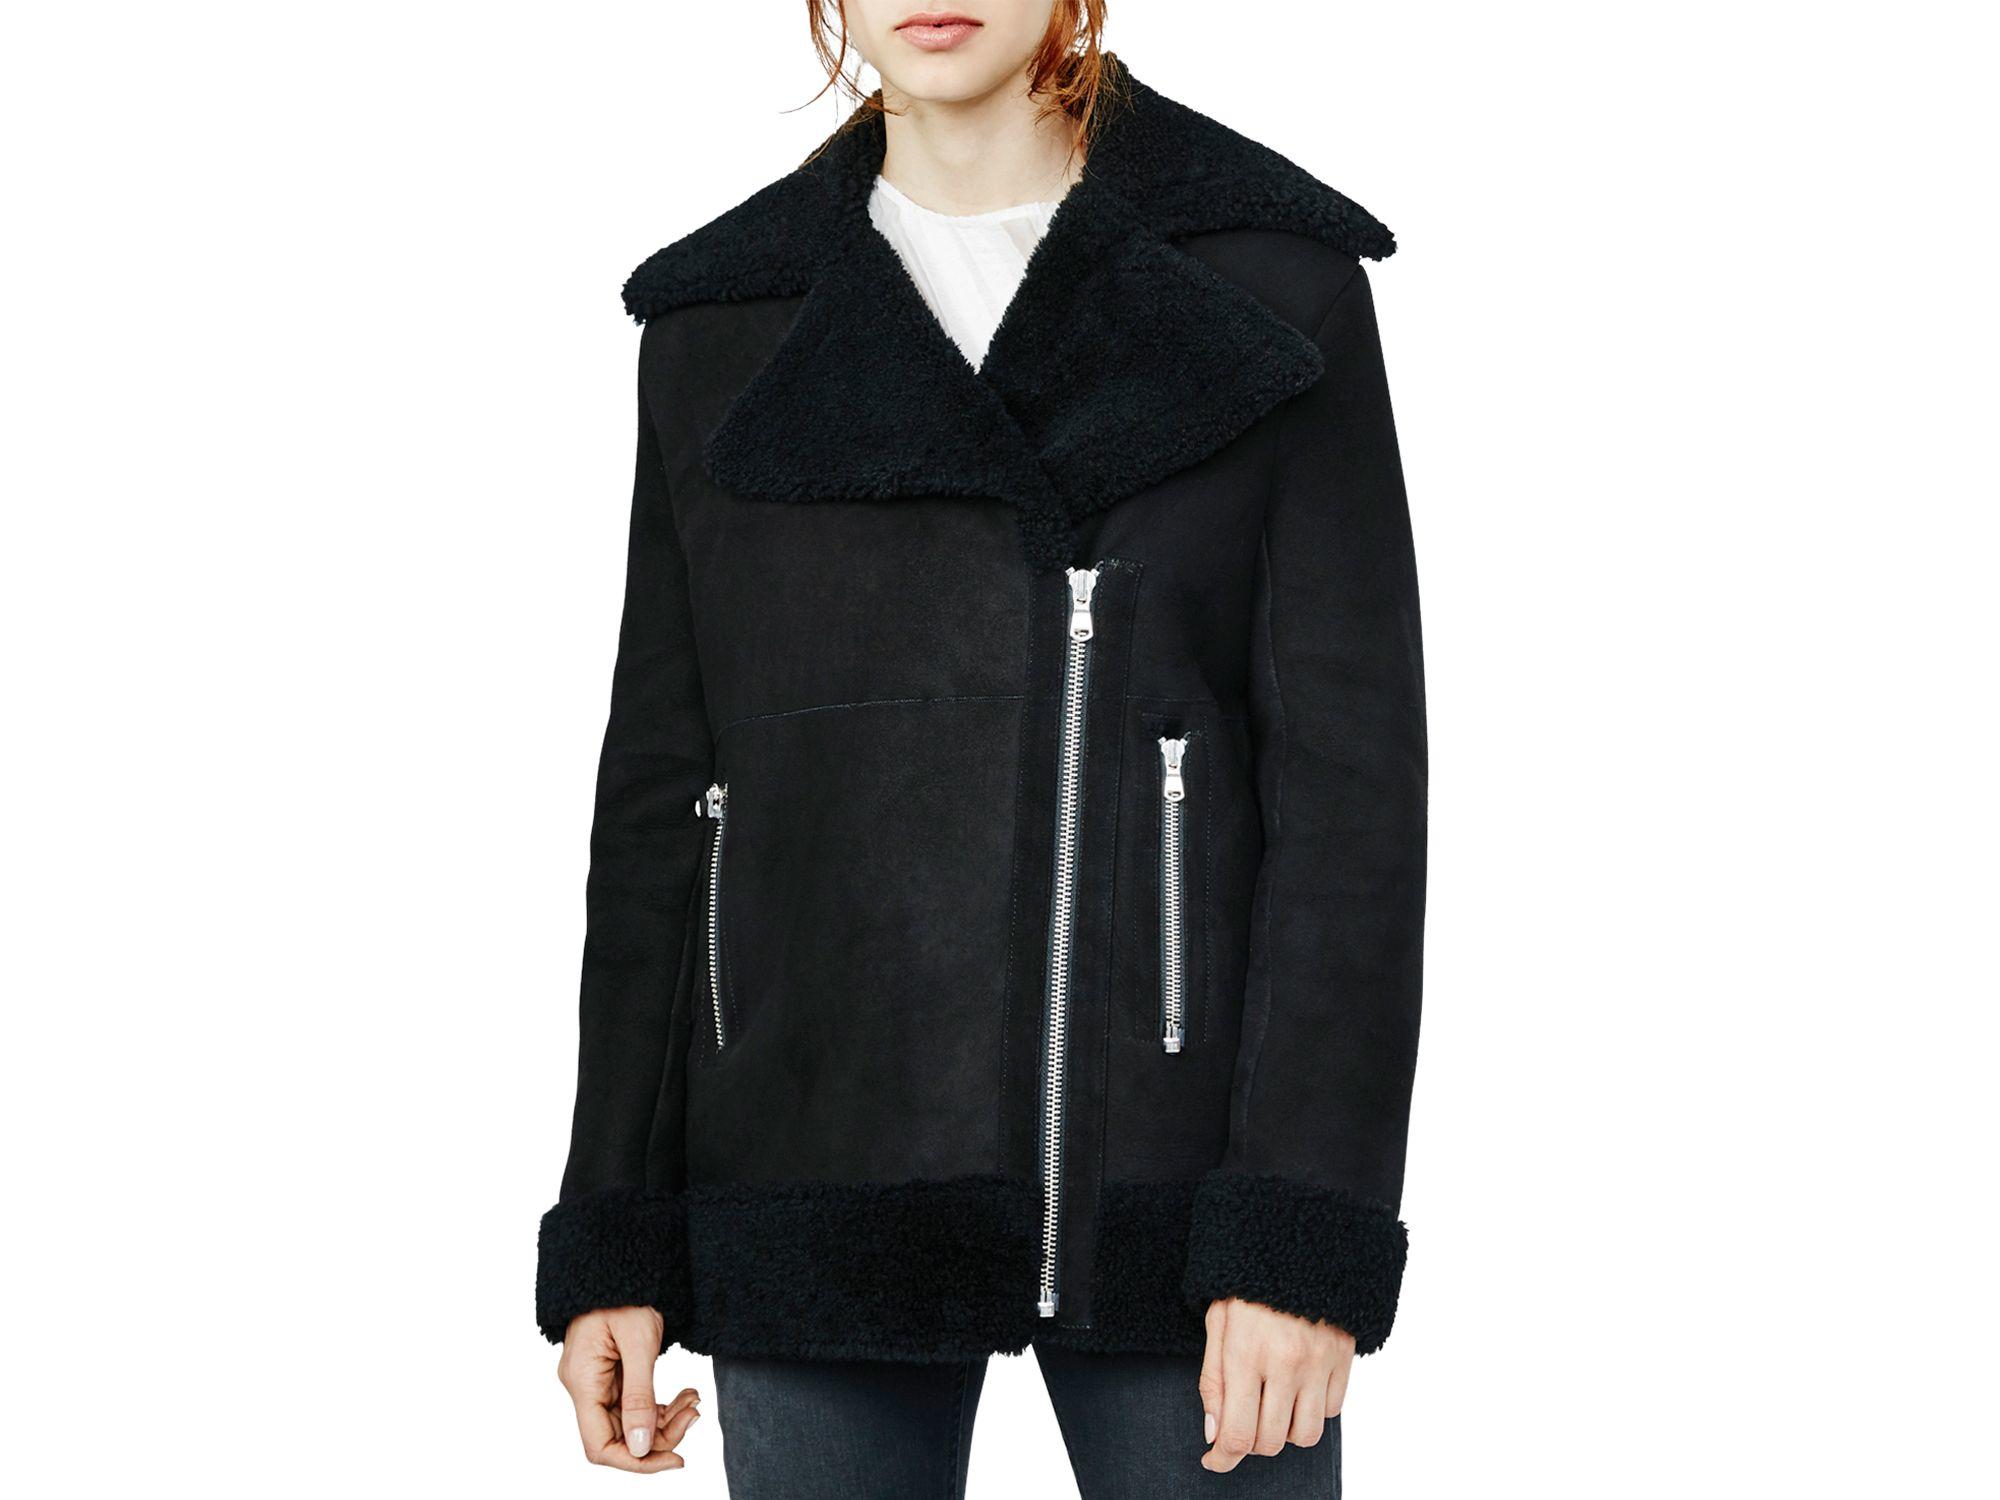 Maje Glavering Shearling Coat in Black | Lyst